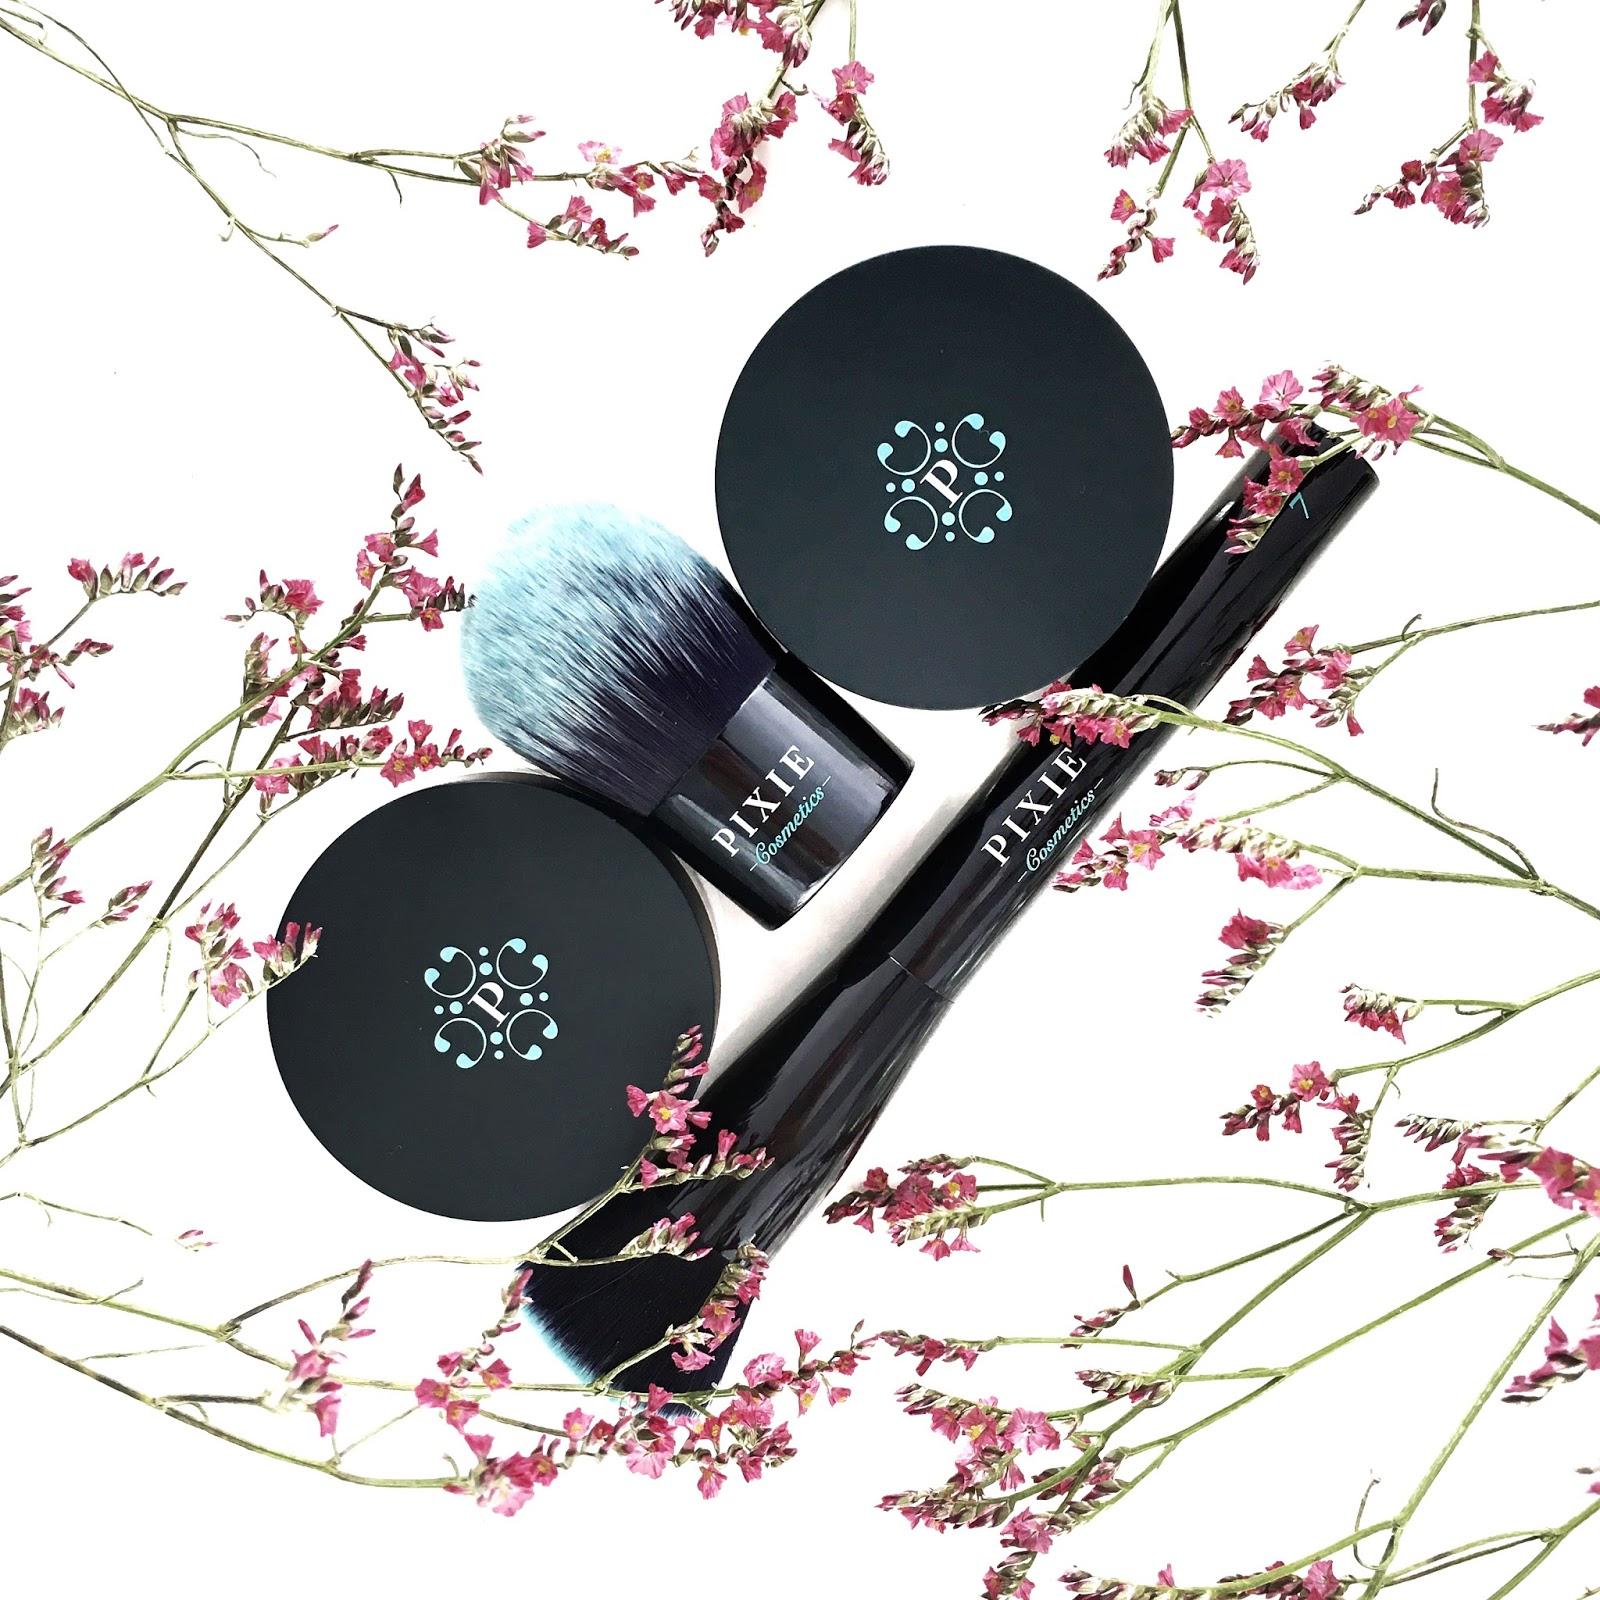 Pixie Cosmetics podkład mineralny i pędzle